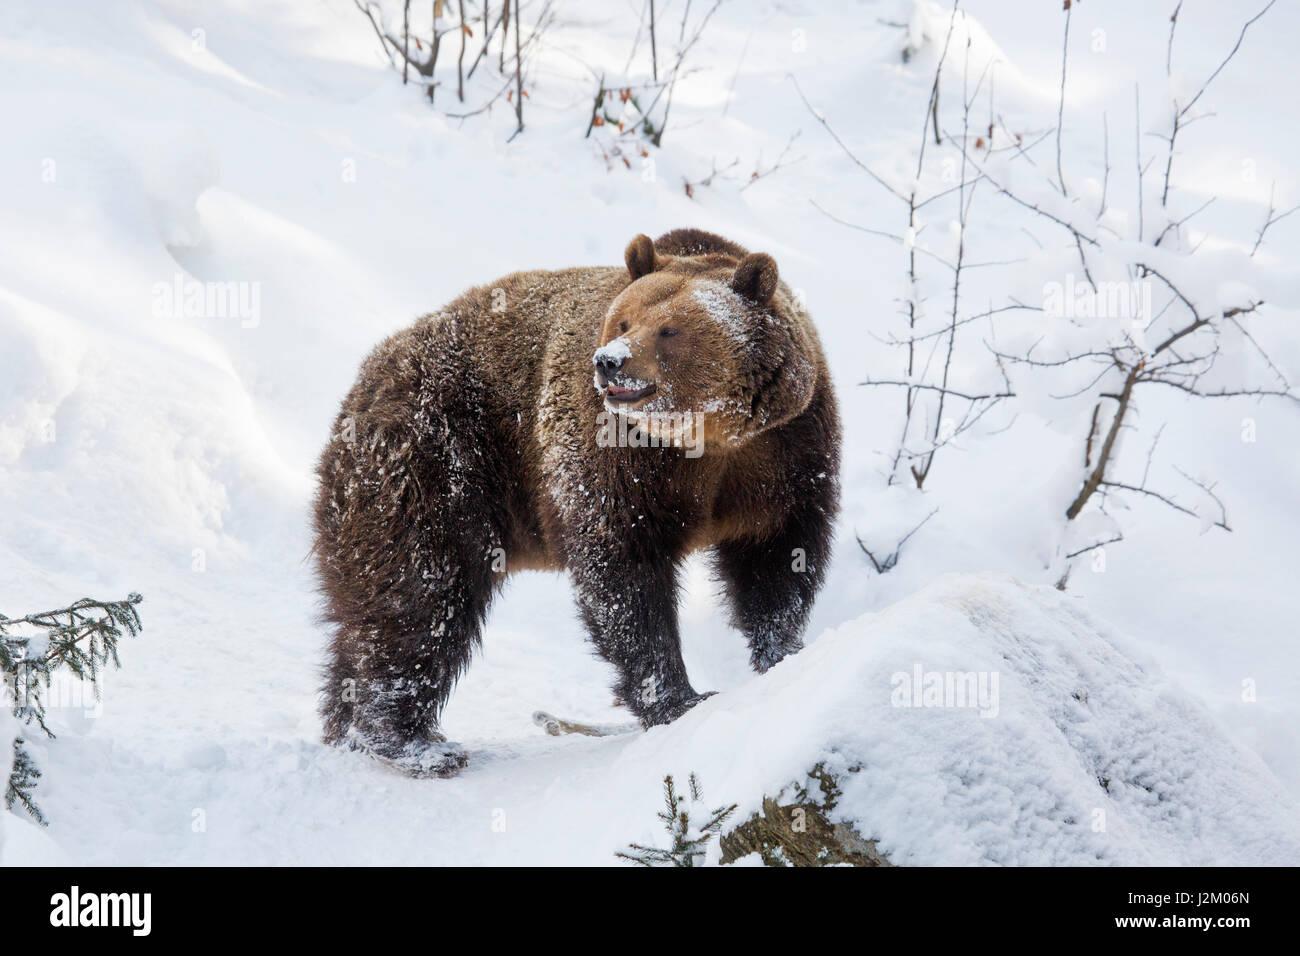 Europäischer Braunbär (Ursus Arctos Arctos) auf Nahrungssuche im Schnee im Winter / Frühjahr Stockbild